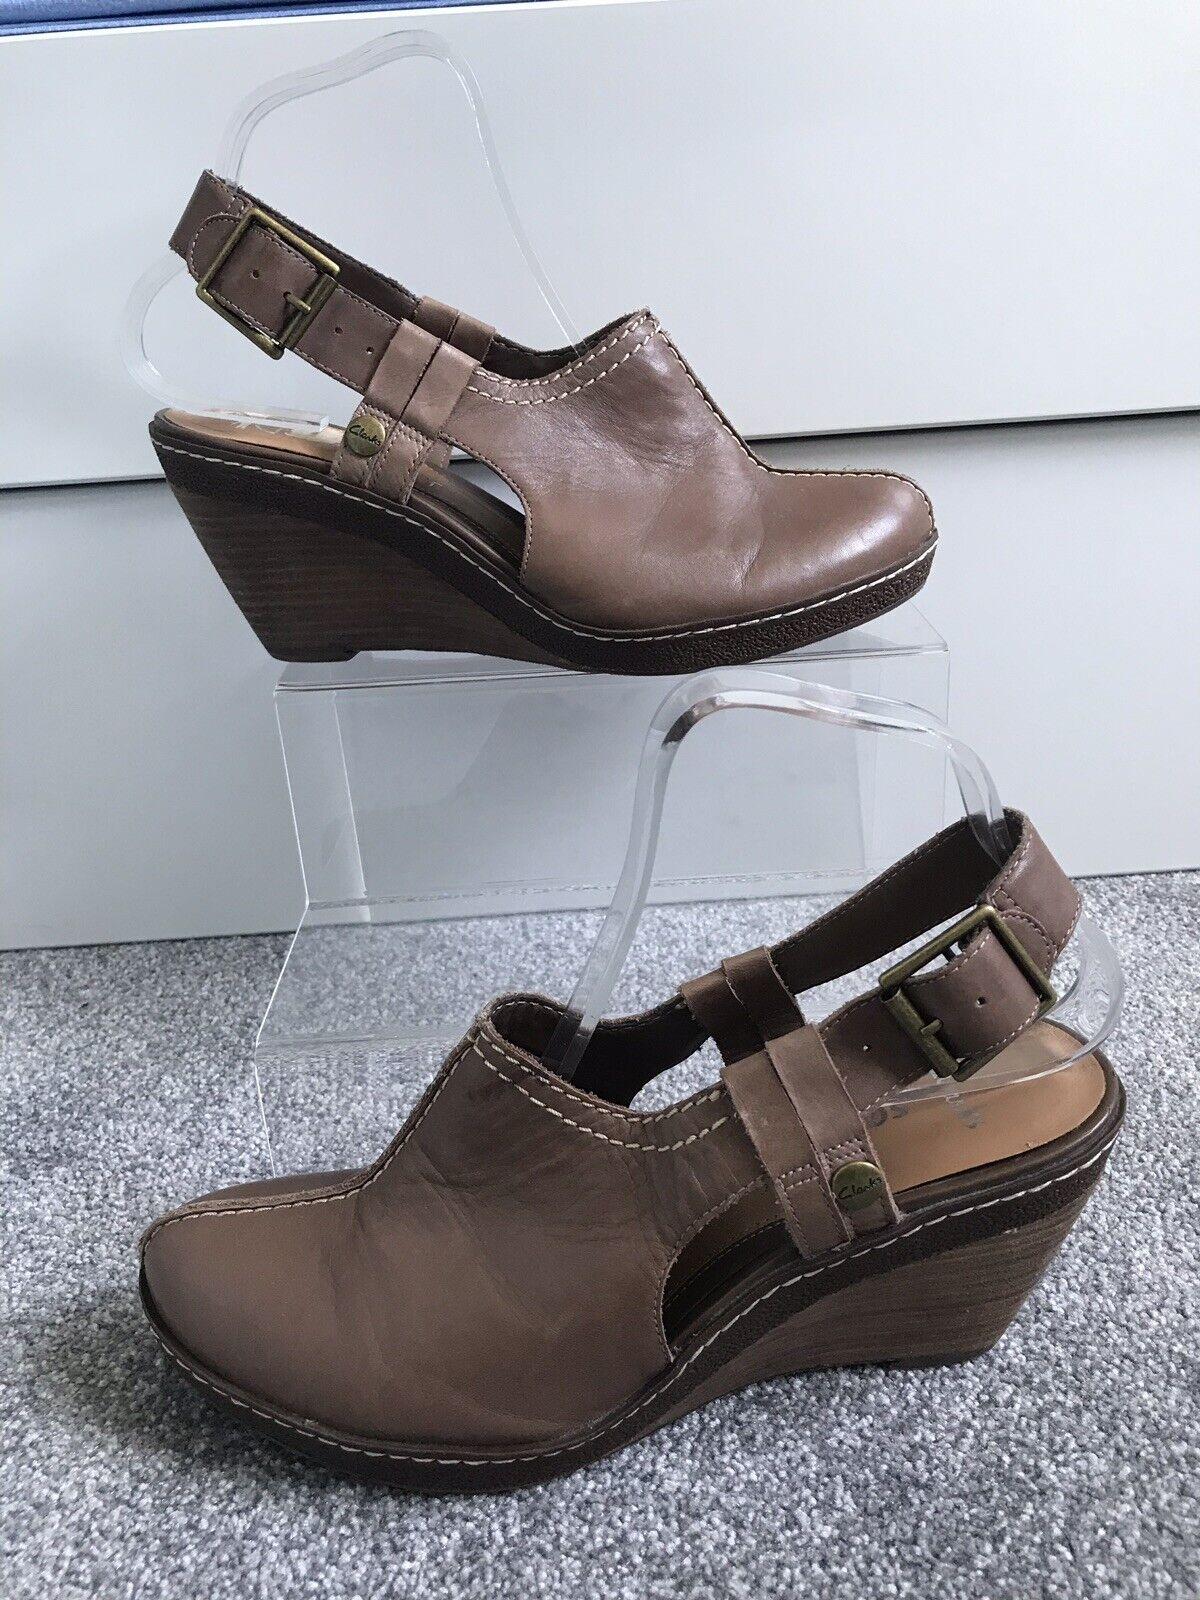 Clarks Softwear Slip On Wedges Clogs Comfort uk 6 Sling Back Brown Tan Holiday